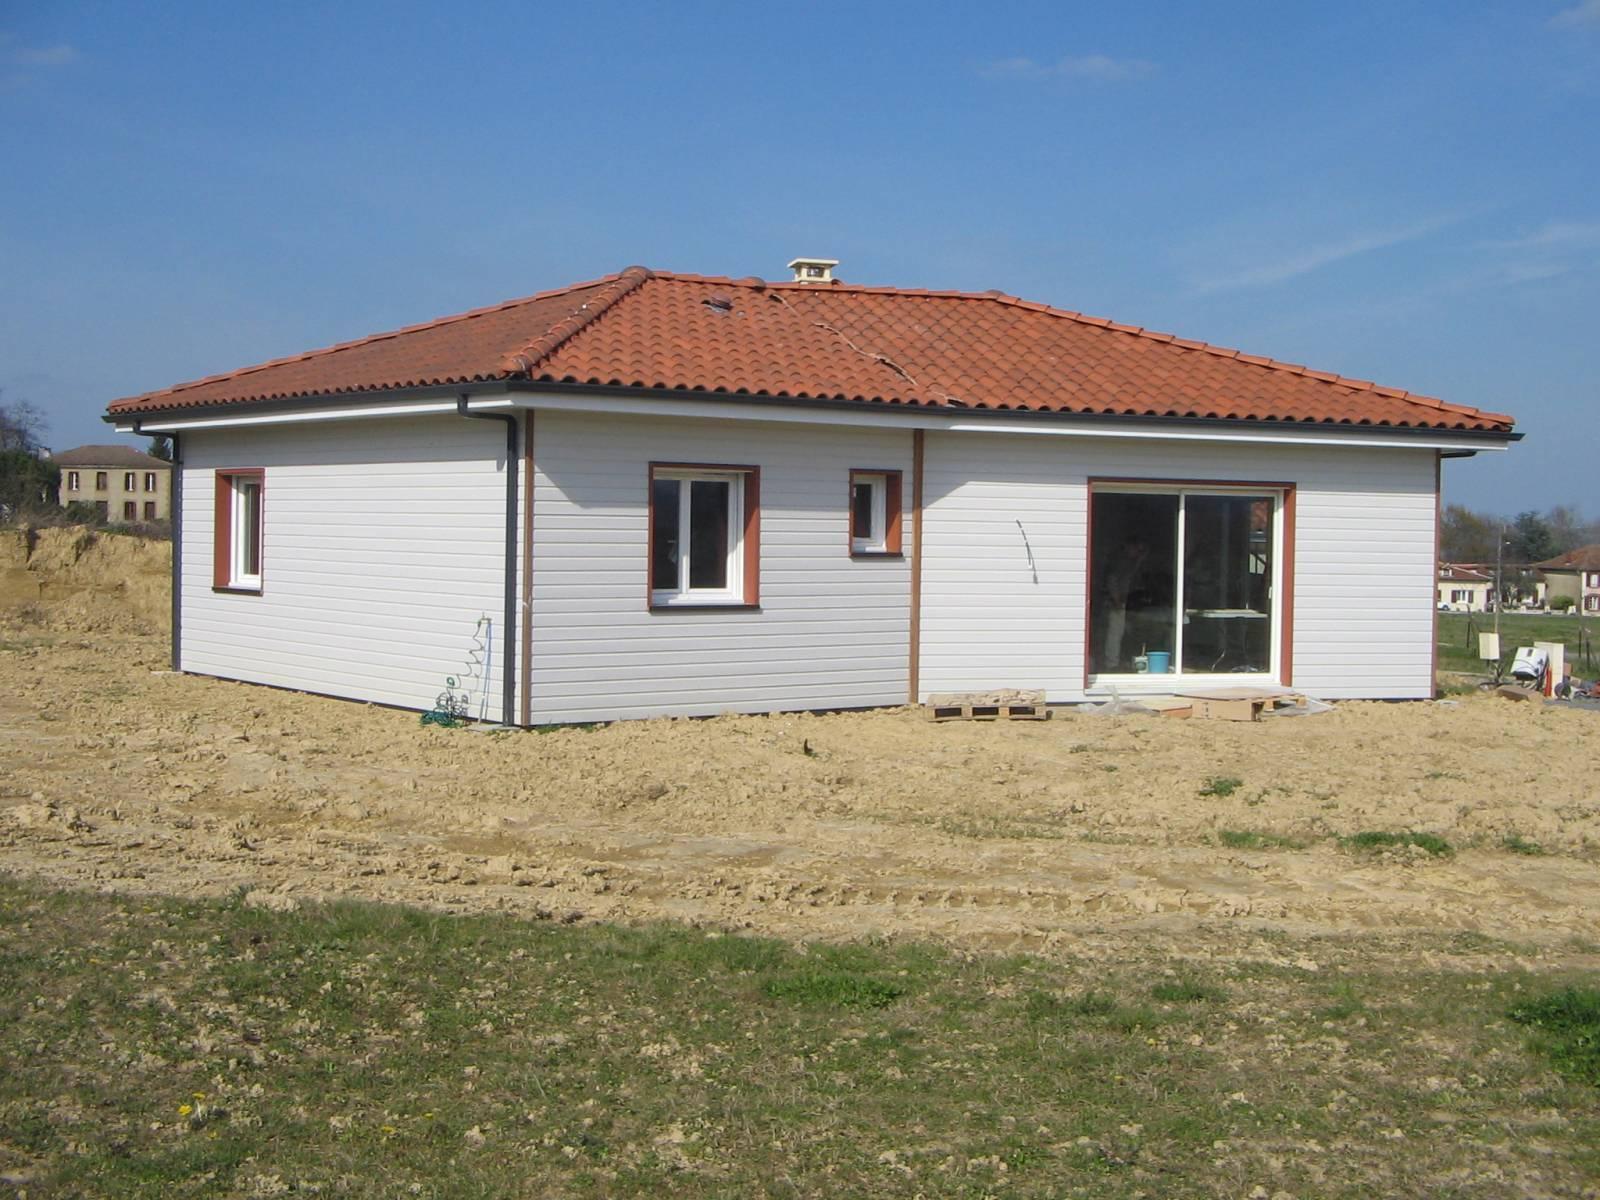 Maison Ossature Bois Clé En Main - MAISON BOIS CLÉ EN MAIN A CASTELNAU MAGNOAC (65) ref 10045 Cogebois